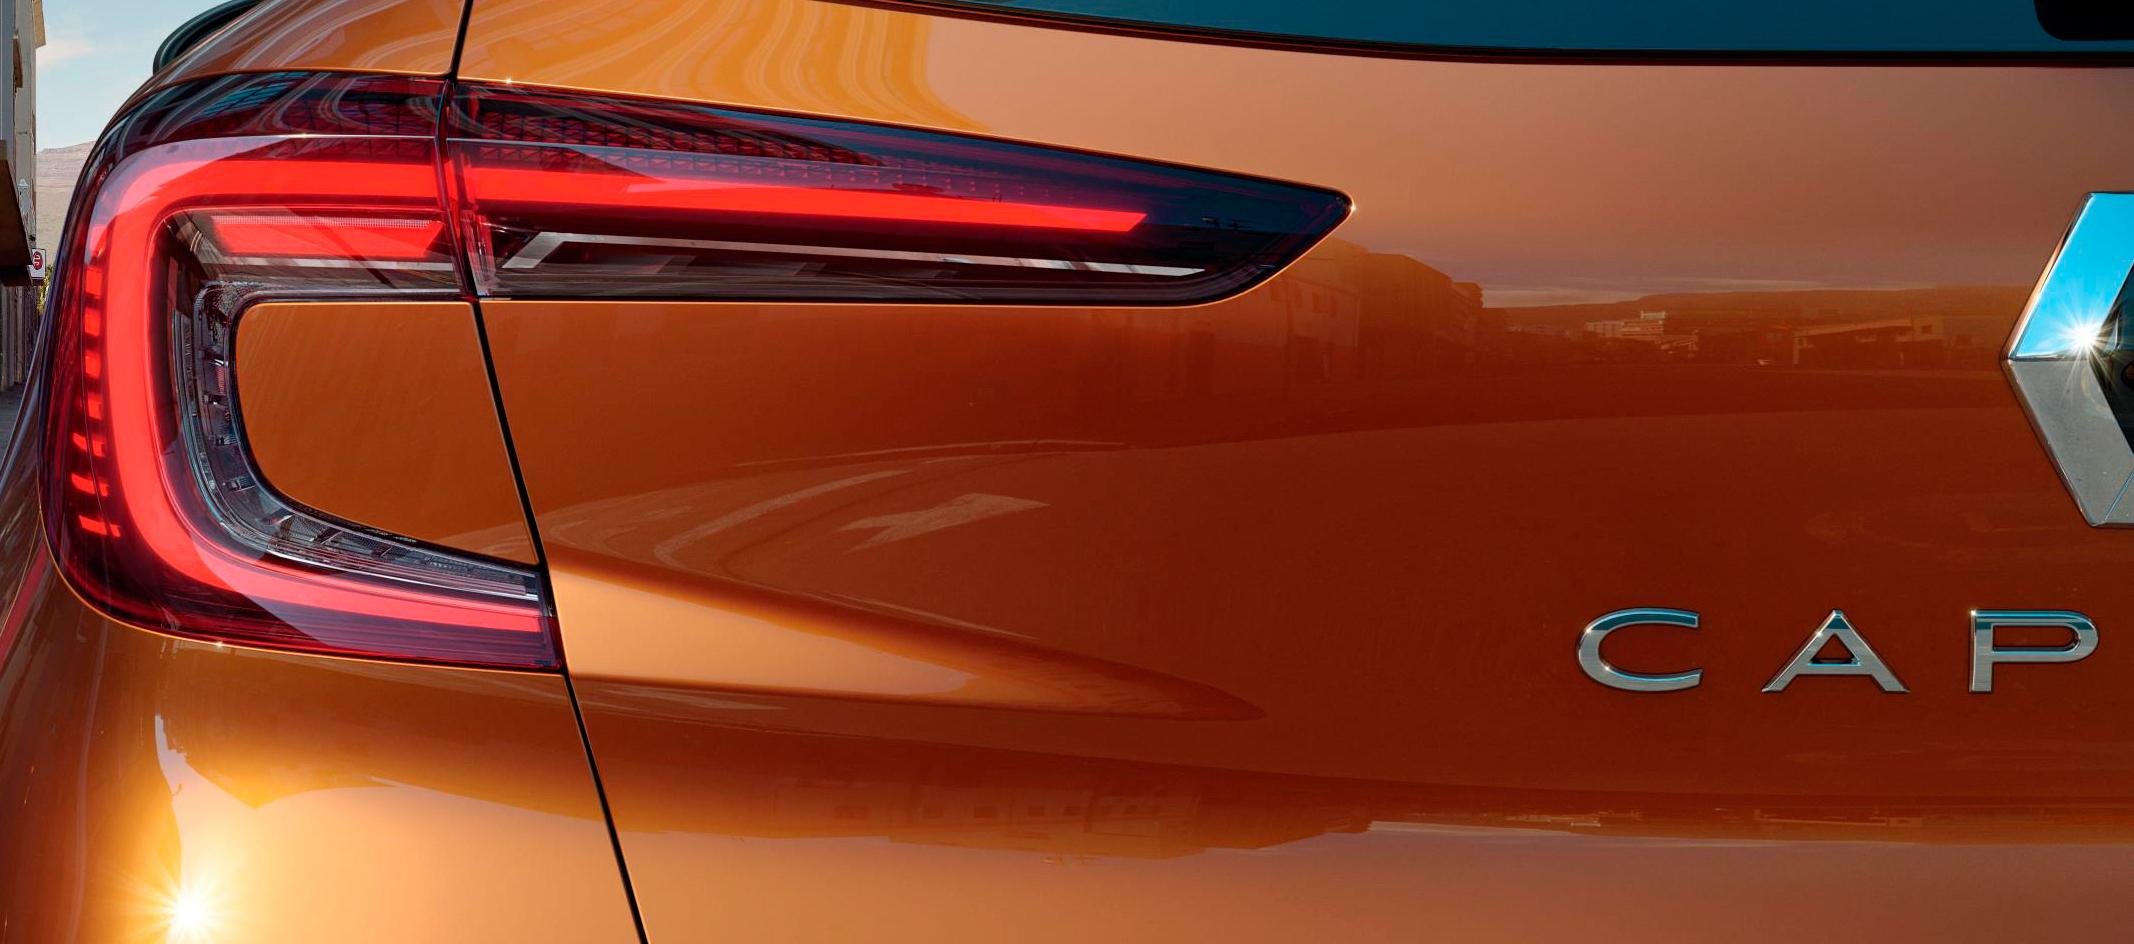 Renault presenta en el IAA de Frankfurt 2019 el nuevo Captur